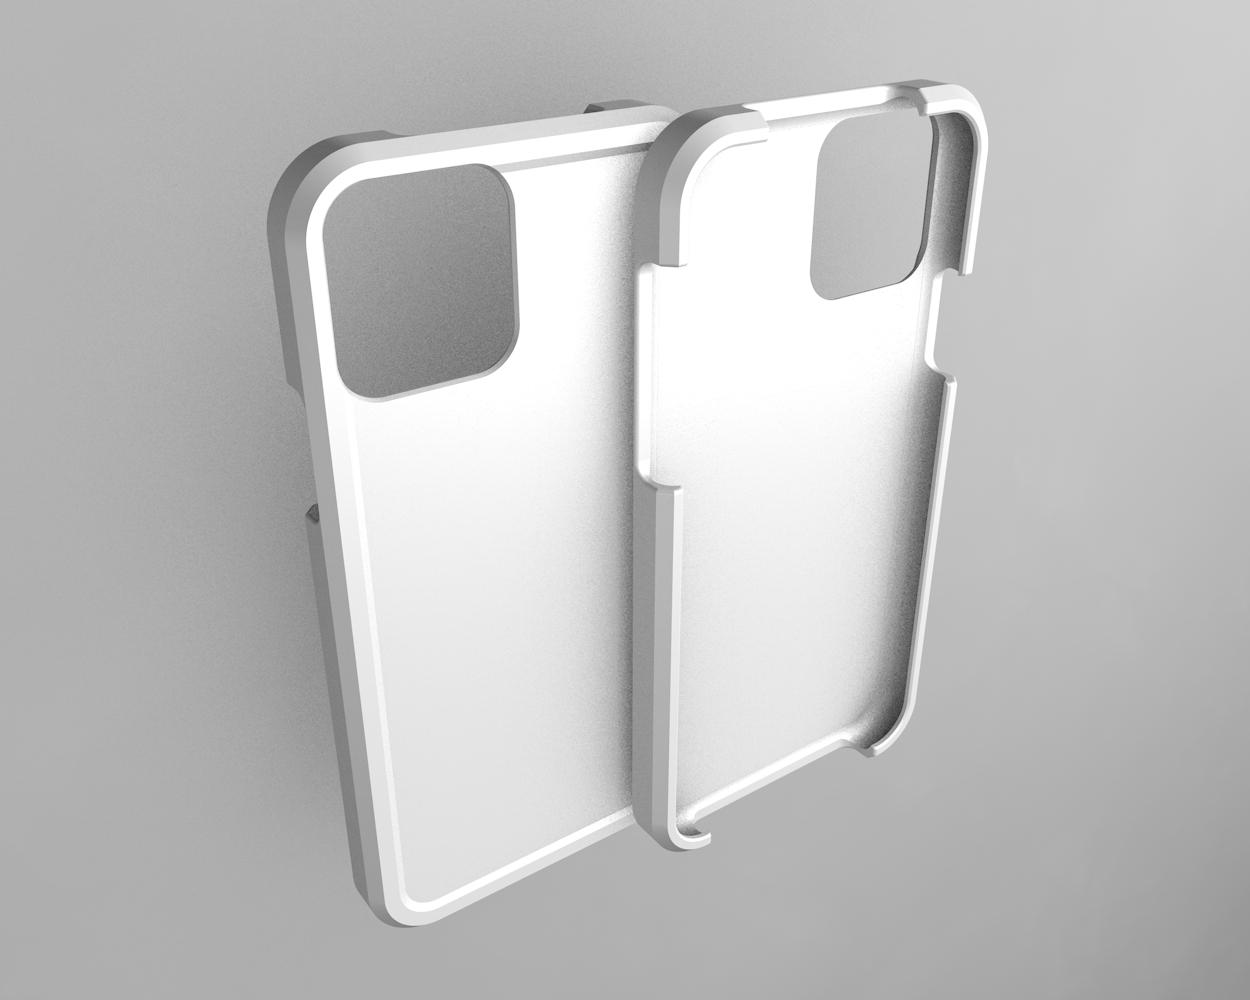 IPhone 11 Pro Case 3D Model in Phone cases 3DExport